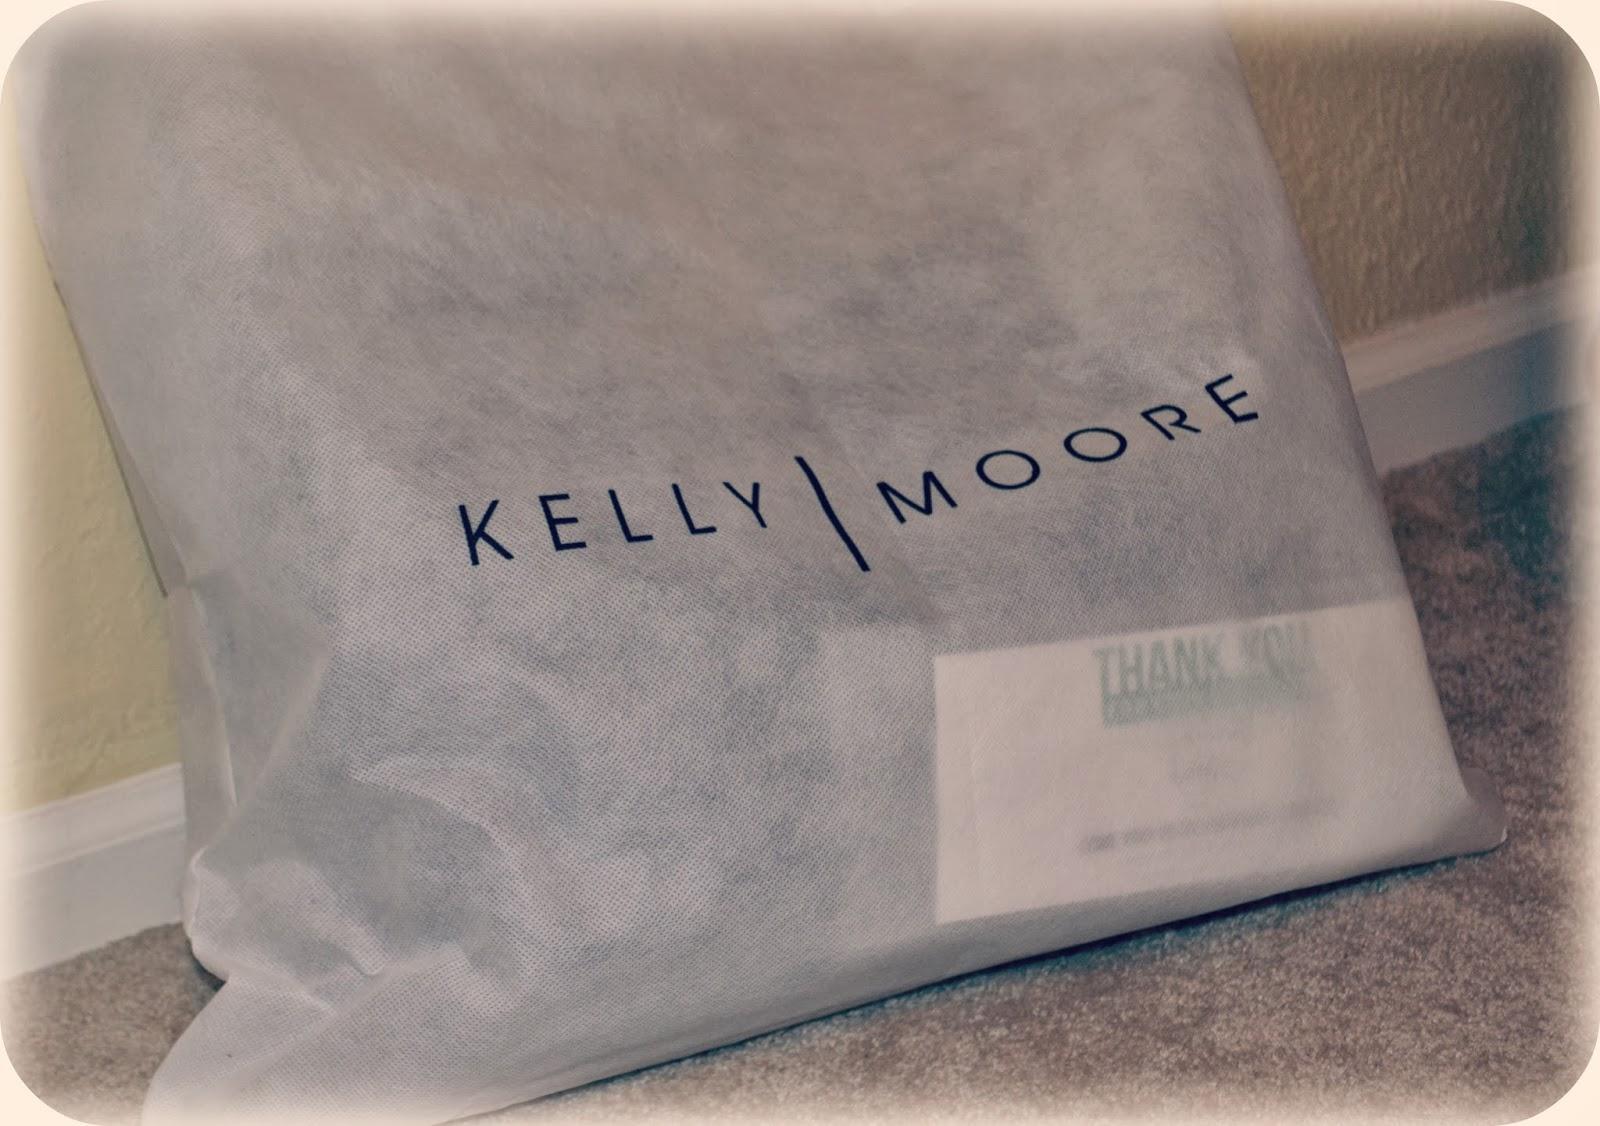 2 Sues Bag – Kelly Moore Bag